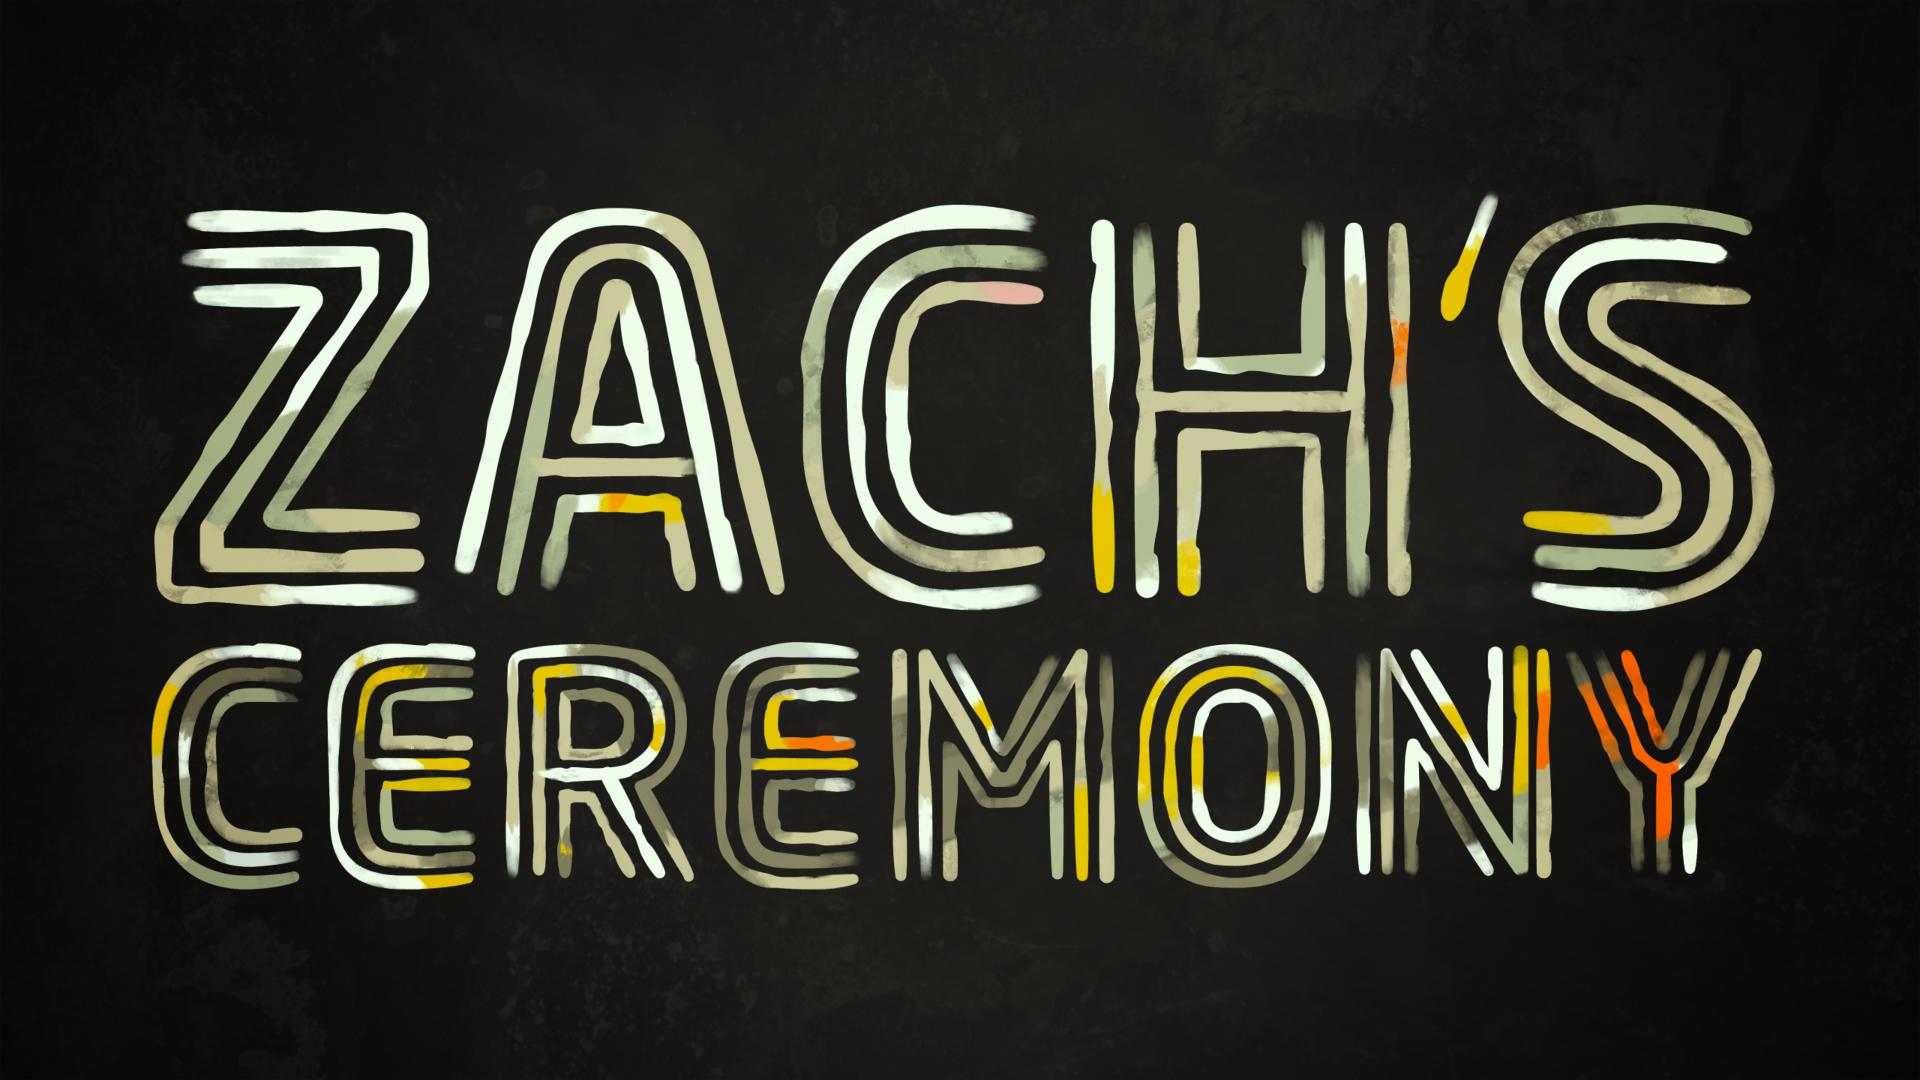 zachs_ceremony_opener_waudio (93705).jpg